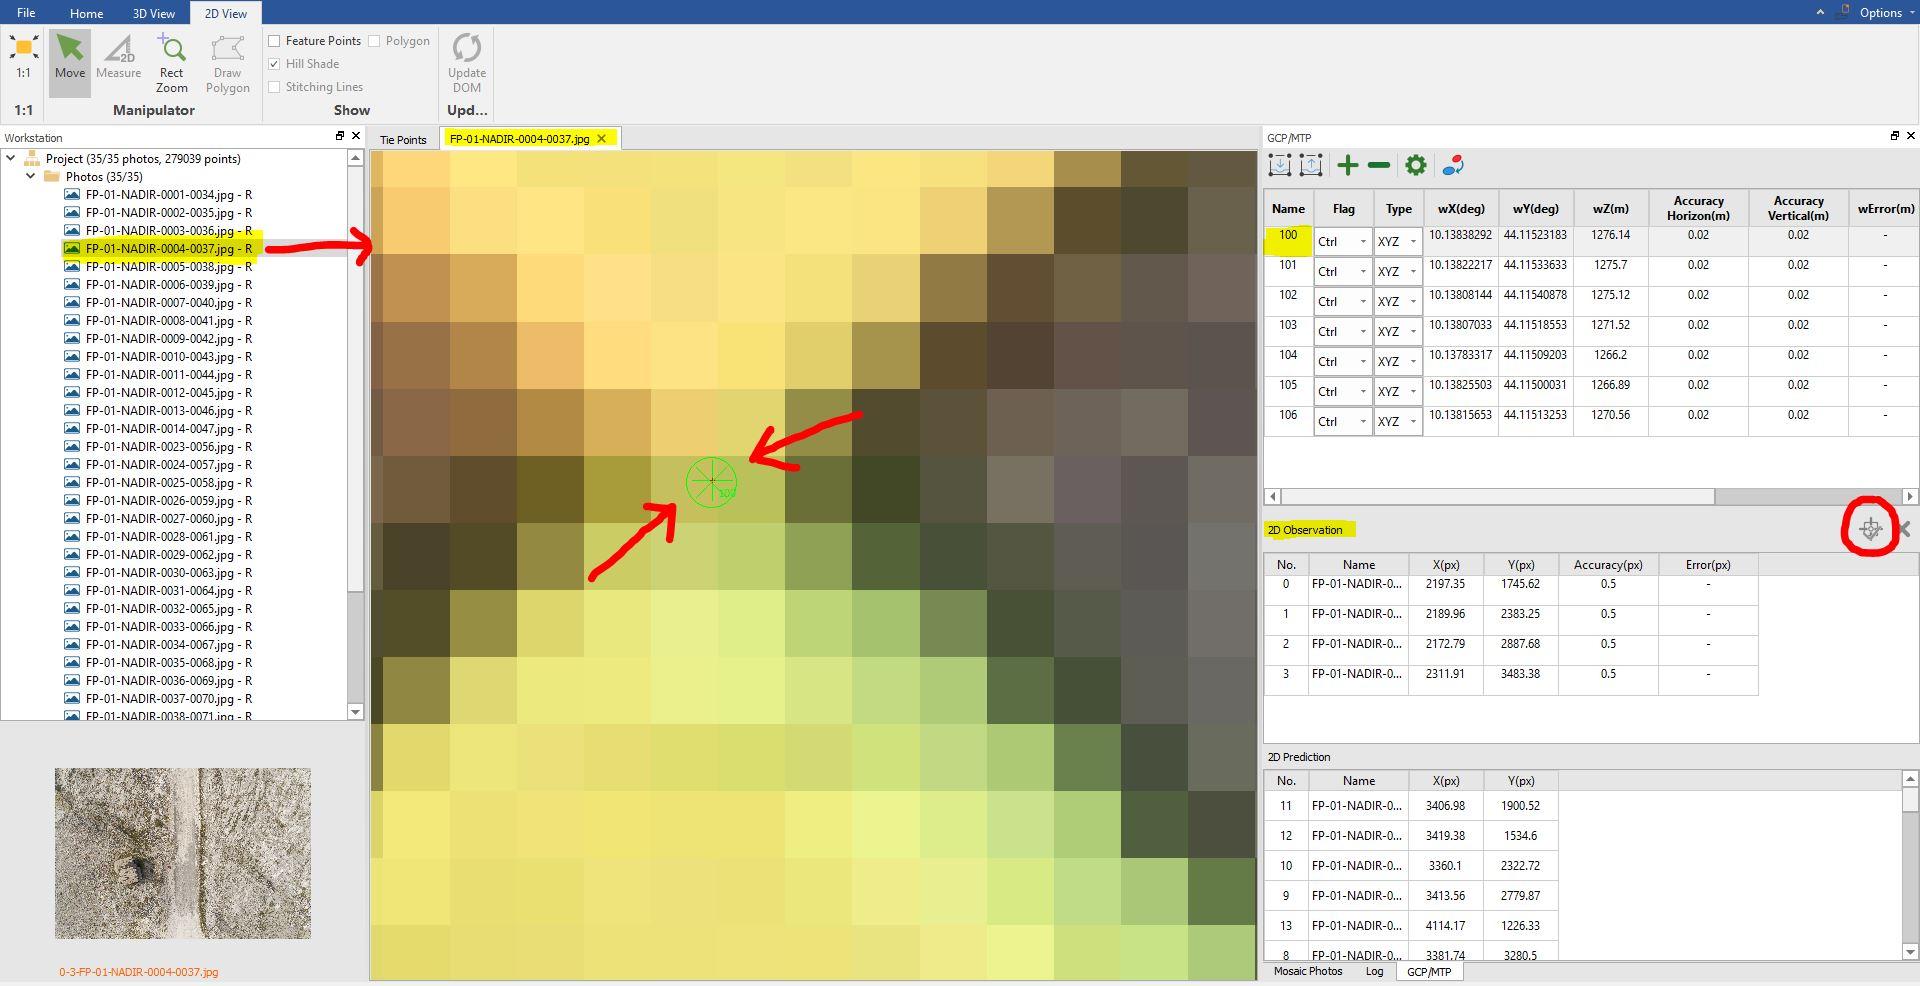 Immagine che mostra come assegnare la posizione di ogni GCP su ogni immagine all'interno di LiMapper